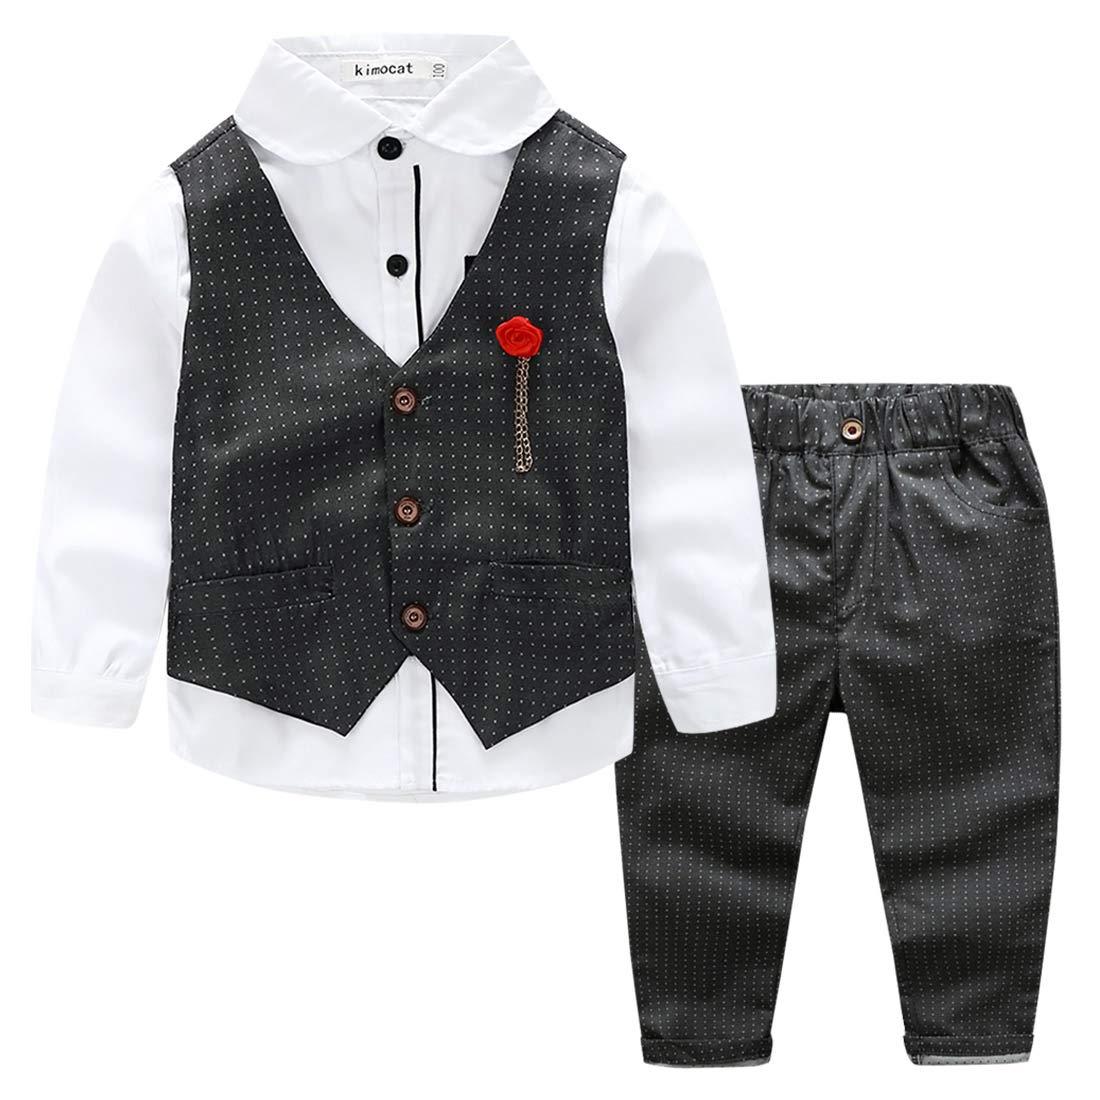 Little Boys 3pcs Cotton Formal Suit Set Long Sleeve Wedding Gentlemen Outfits Classic Vintage Breathable Tuxedo, 4T